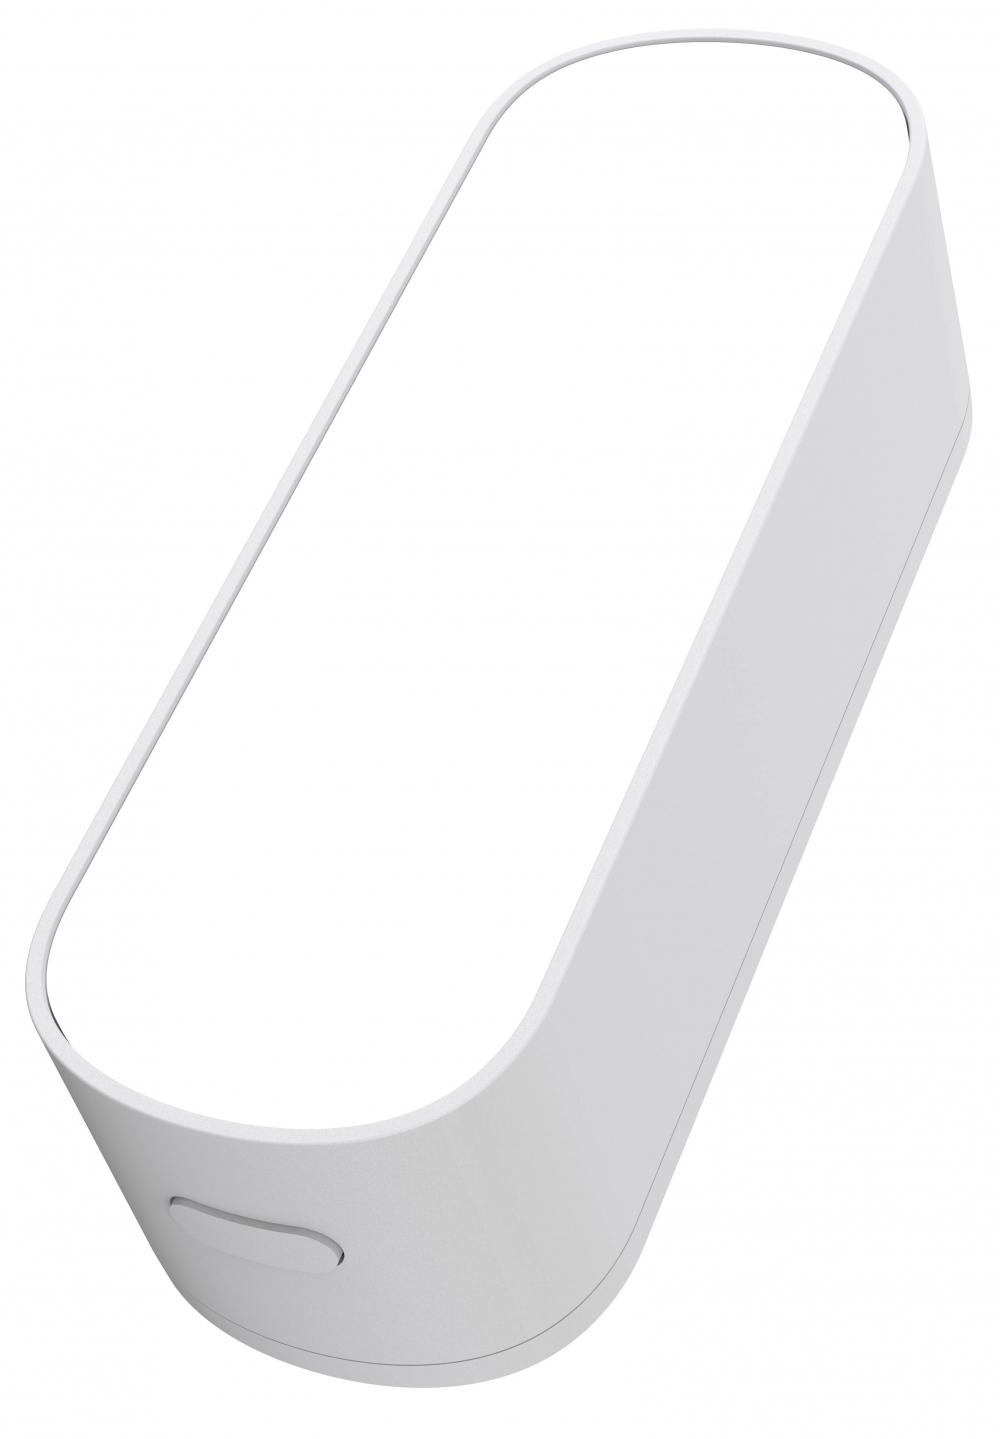 Умный дом. Освещение. Автоматическое изменение яркости света в зависимости от уровня освещения (ZigBee) - 1